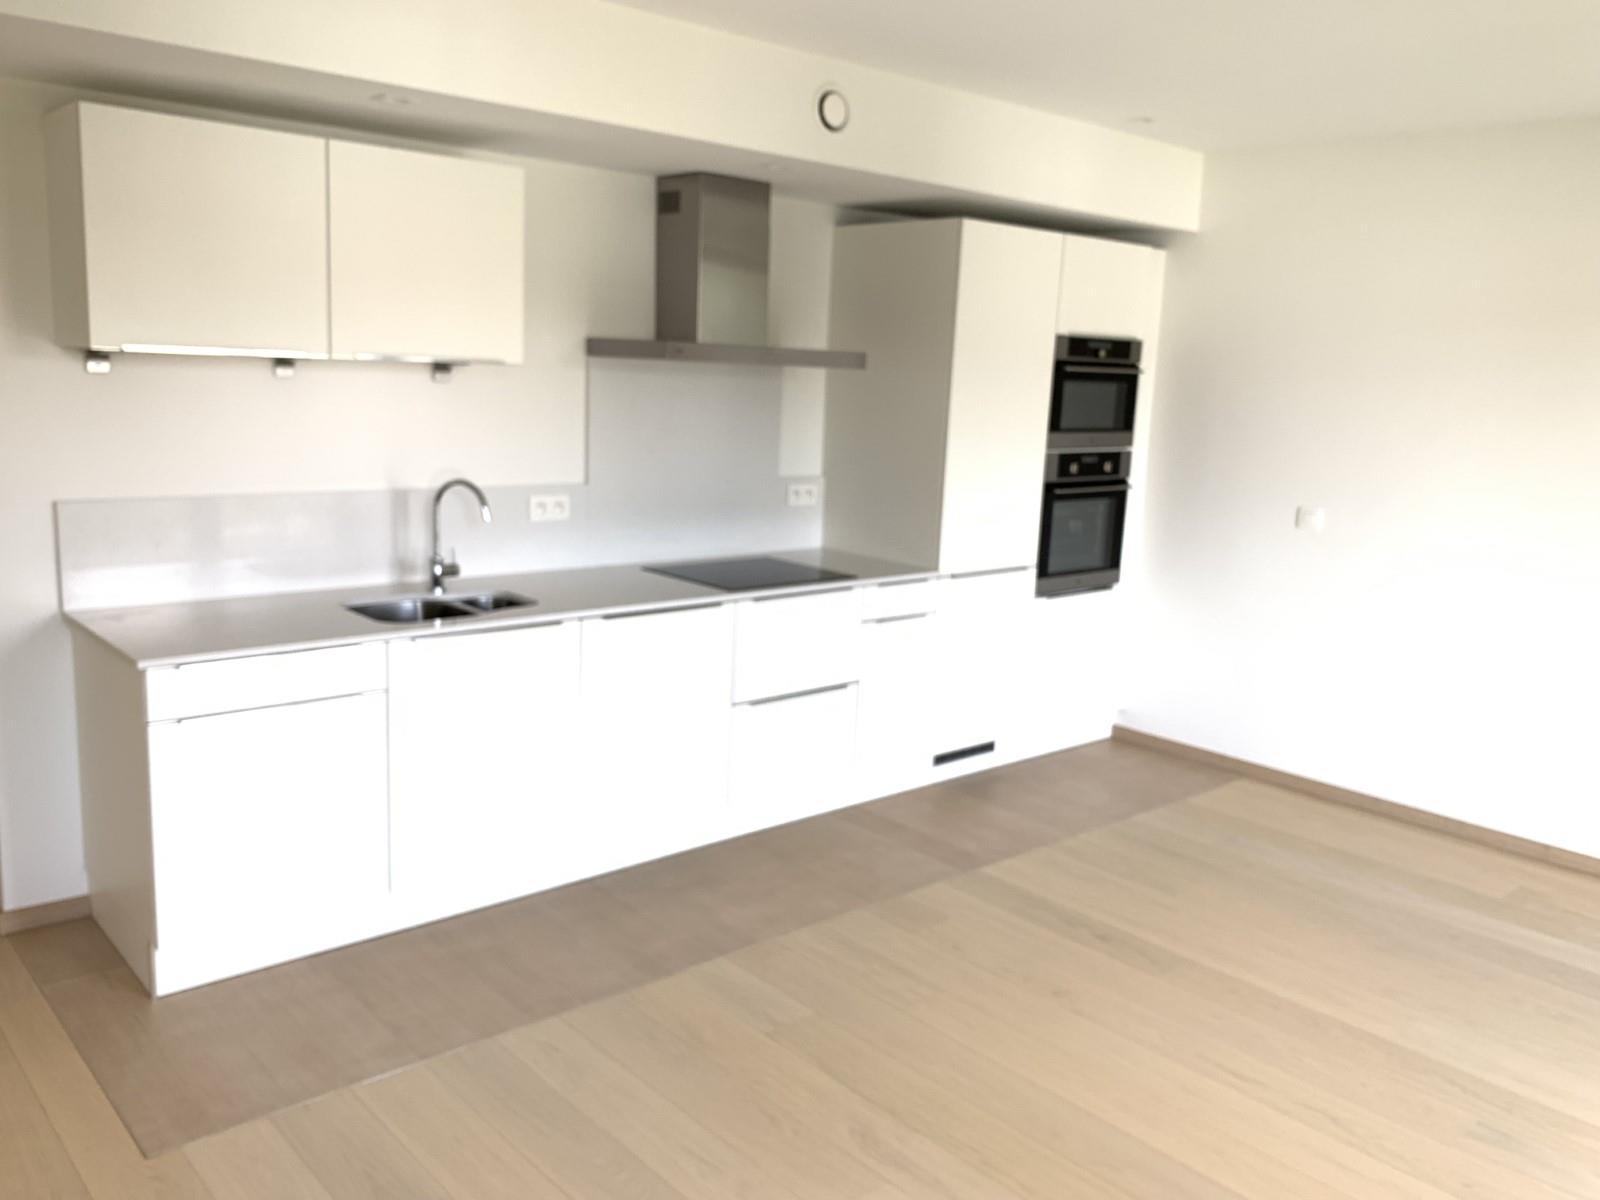 Appartement exceptionnel - Ixelles - #3851269-2